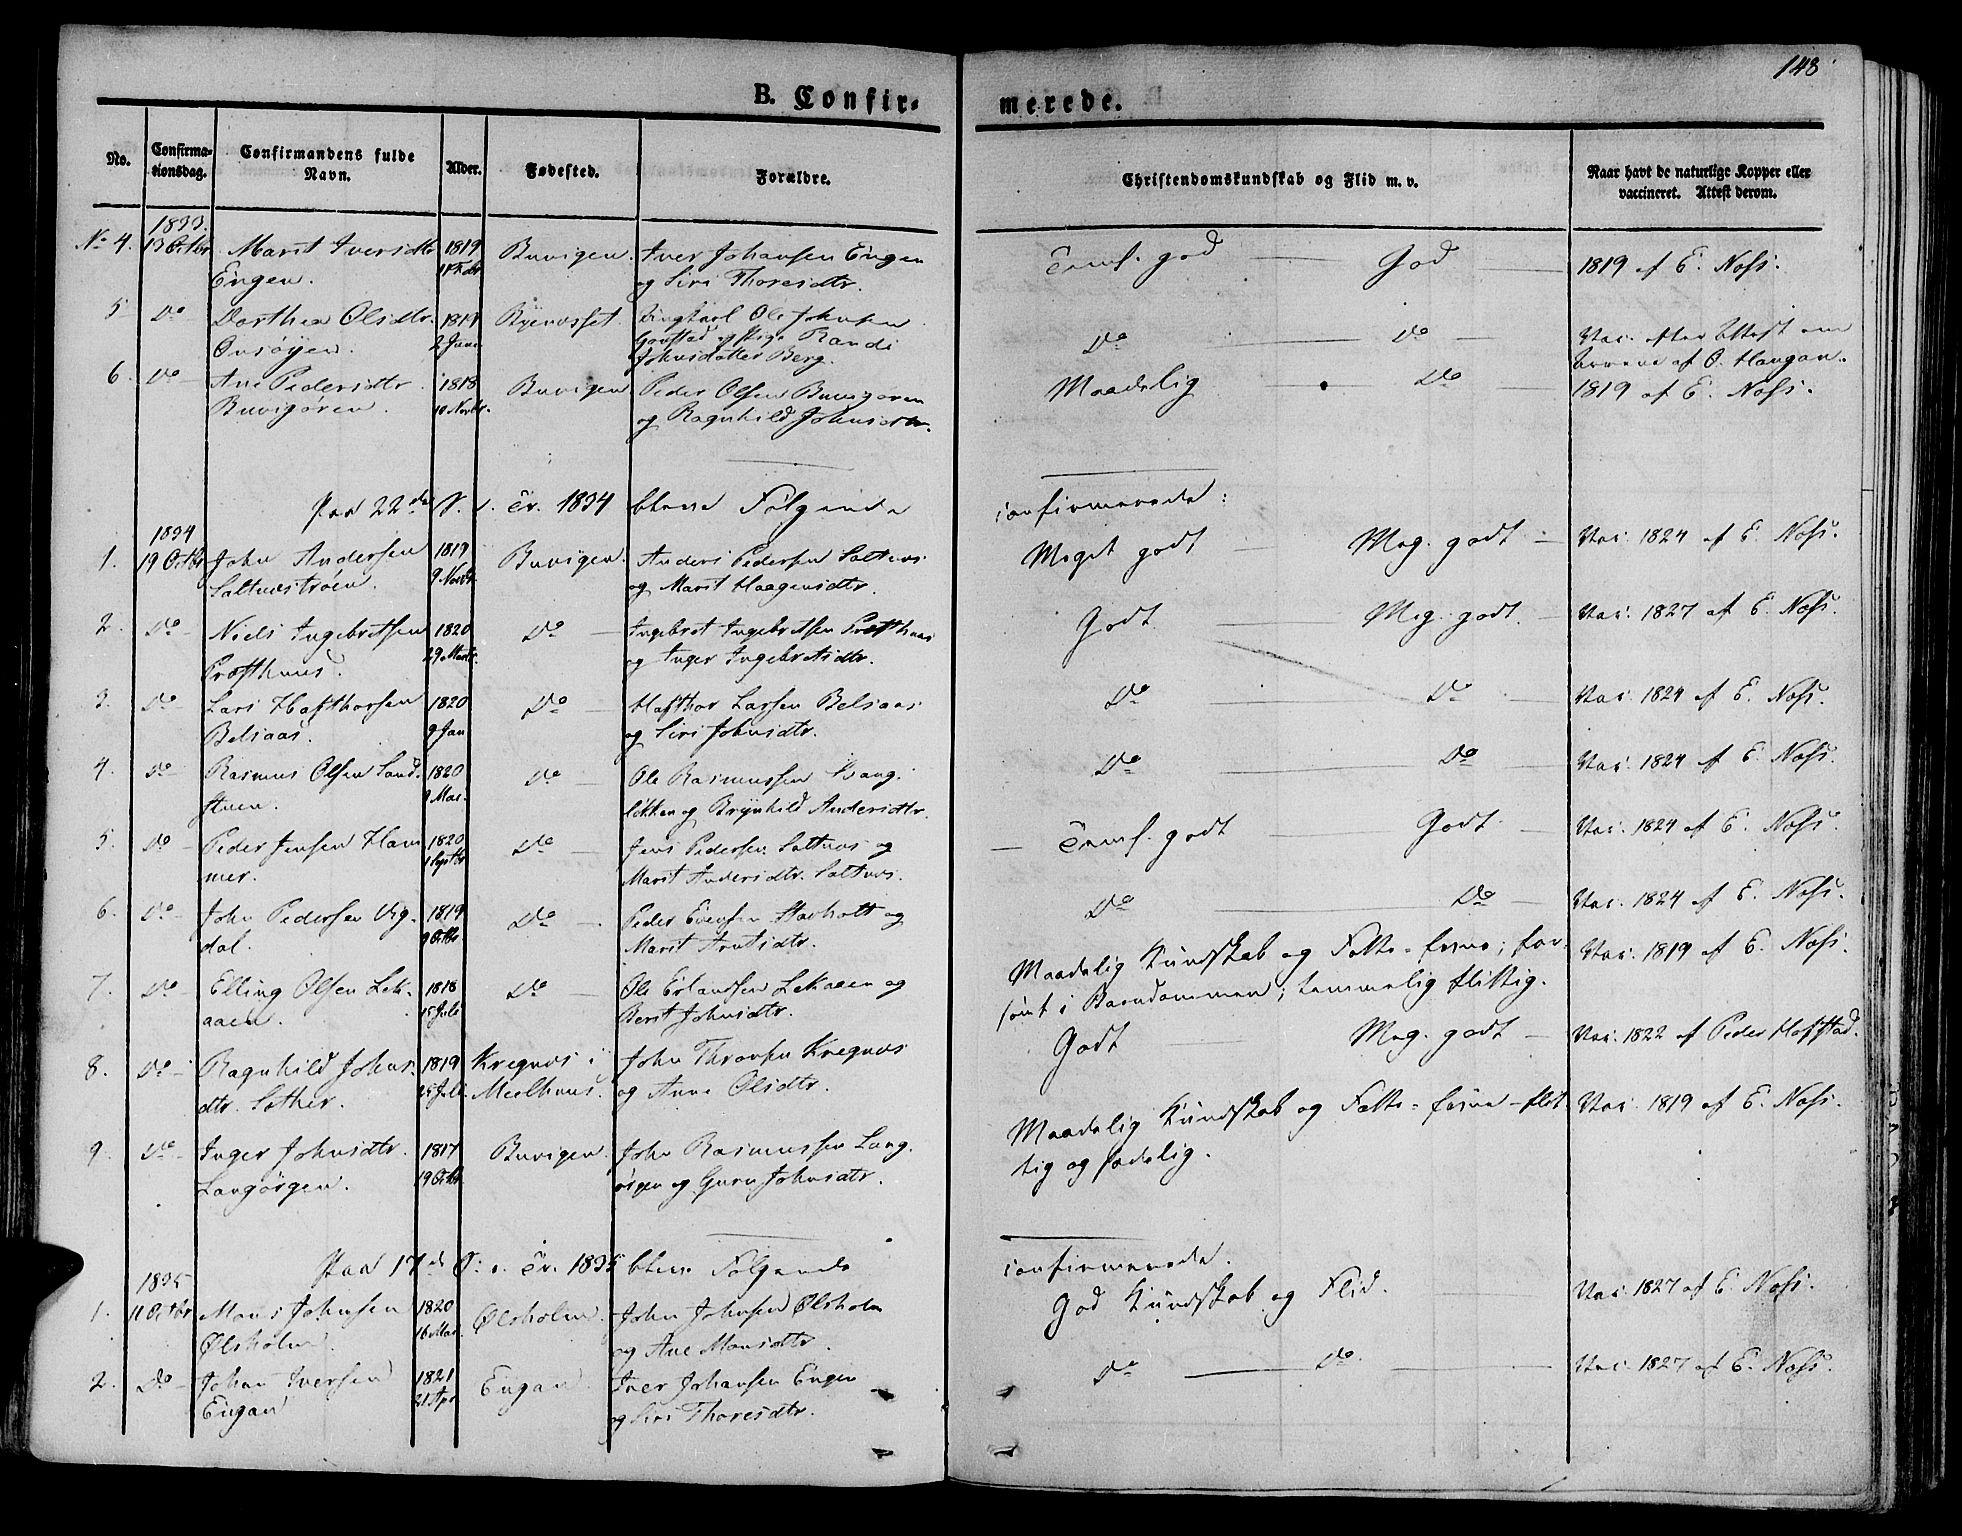 SAT, Ministerialprotokoller, klokkerbøker og fødselsregistre - Sør-Trøndelag, 612/L0375: Ministerialbok nr. 612A07 /2, 1829-1845, s. 148